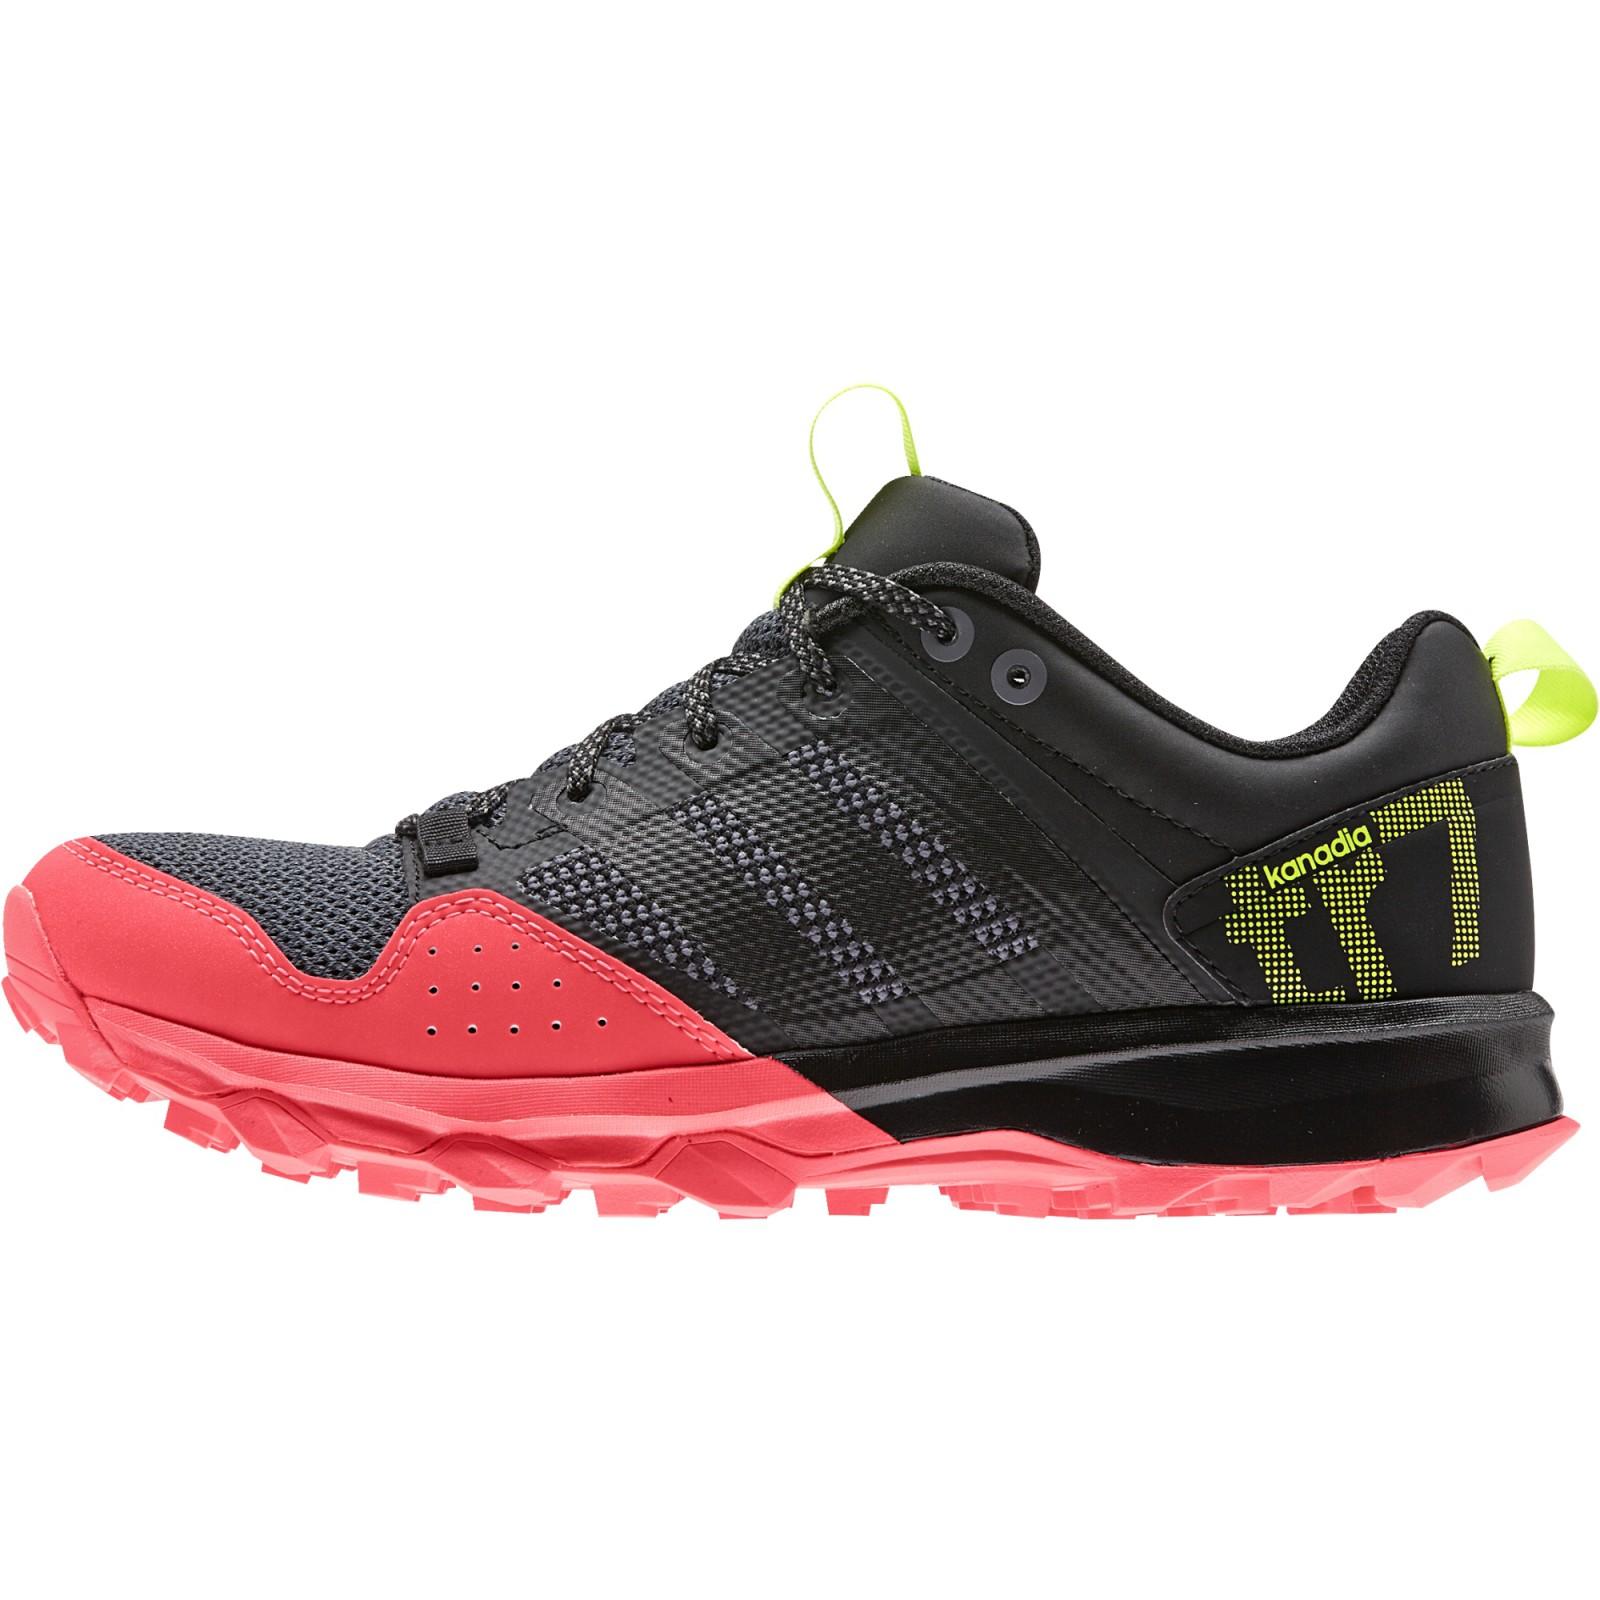 fd3131e8db3 Dámské běžecké boty adidas kanadia 7 tr w